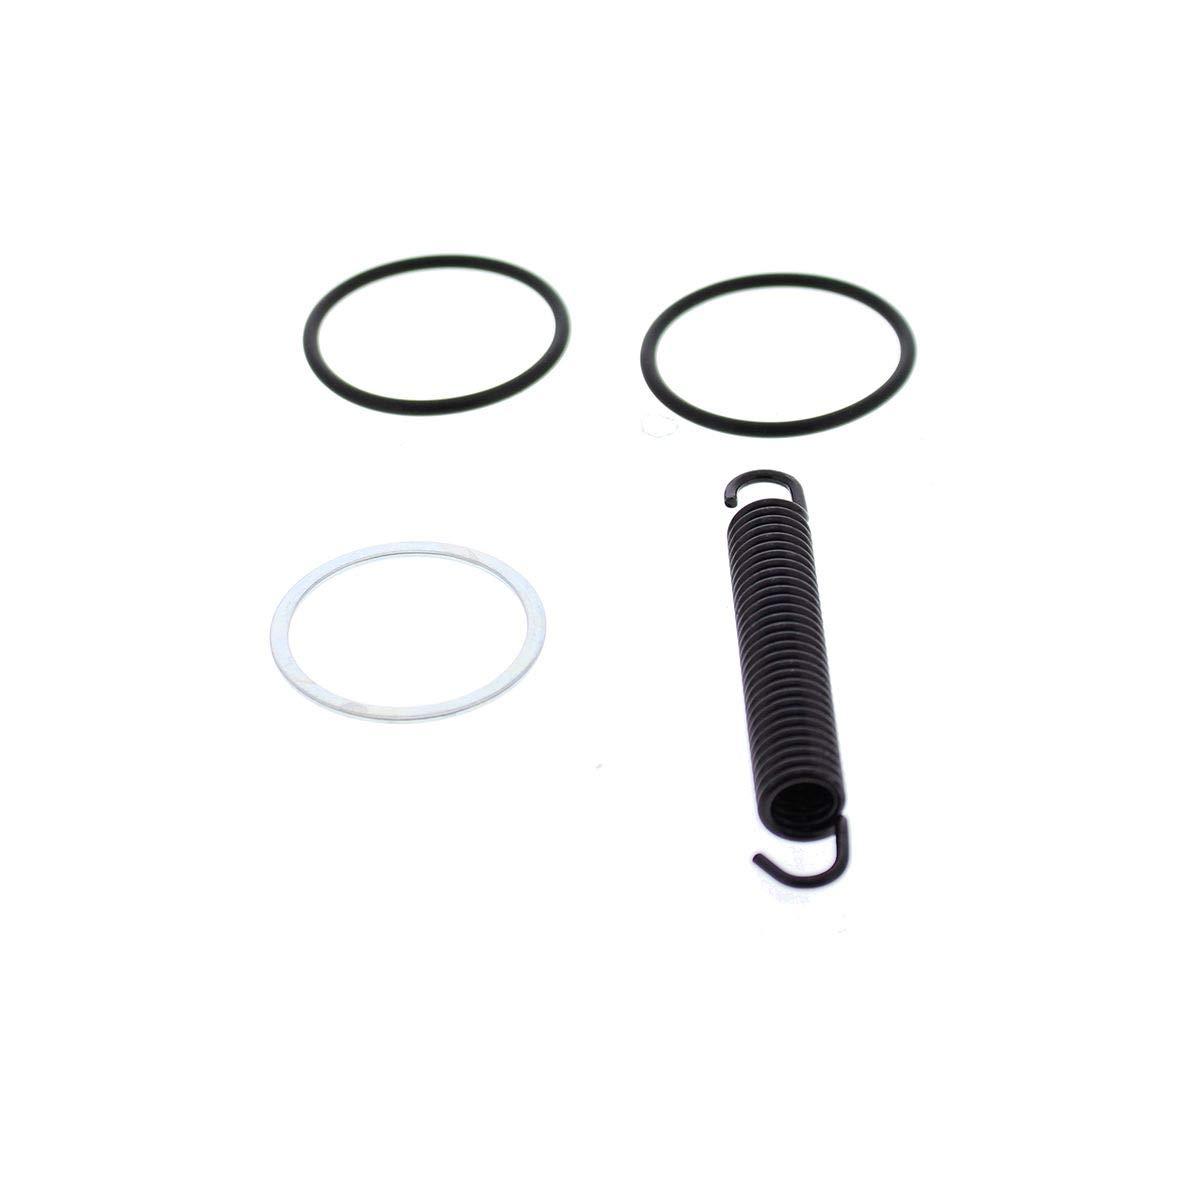 Vertex Exhaust Gasket Kit for 05-07 Honda CR85